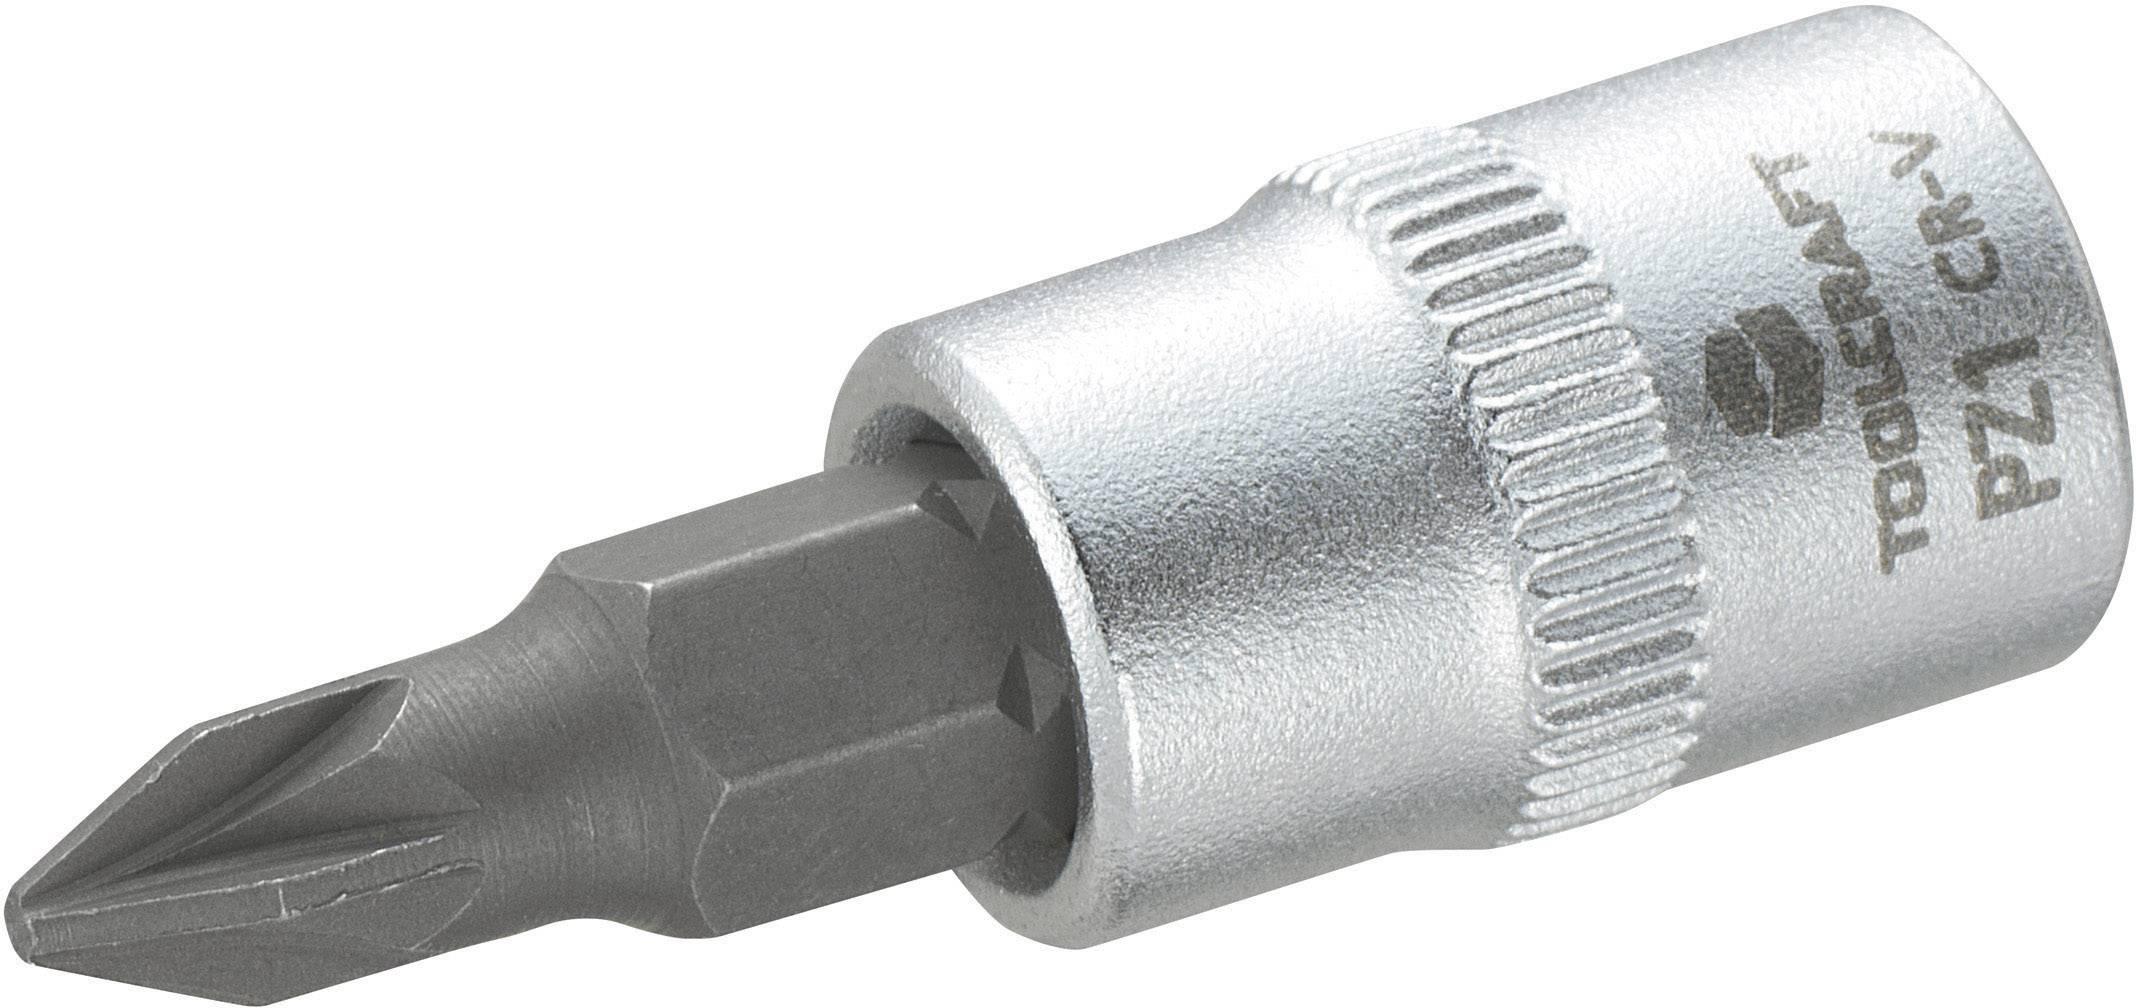 """Násada nástrčného klíče s křížovým bitem PZ1, Toolcraft, 6,3 mm (1/4"""")"""